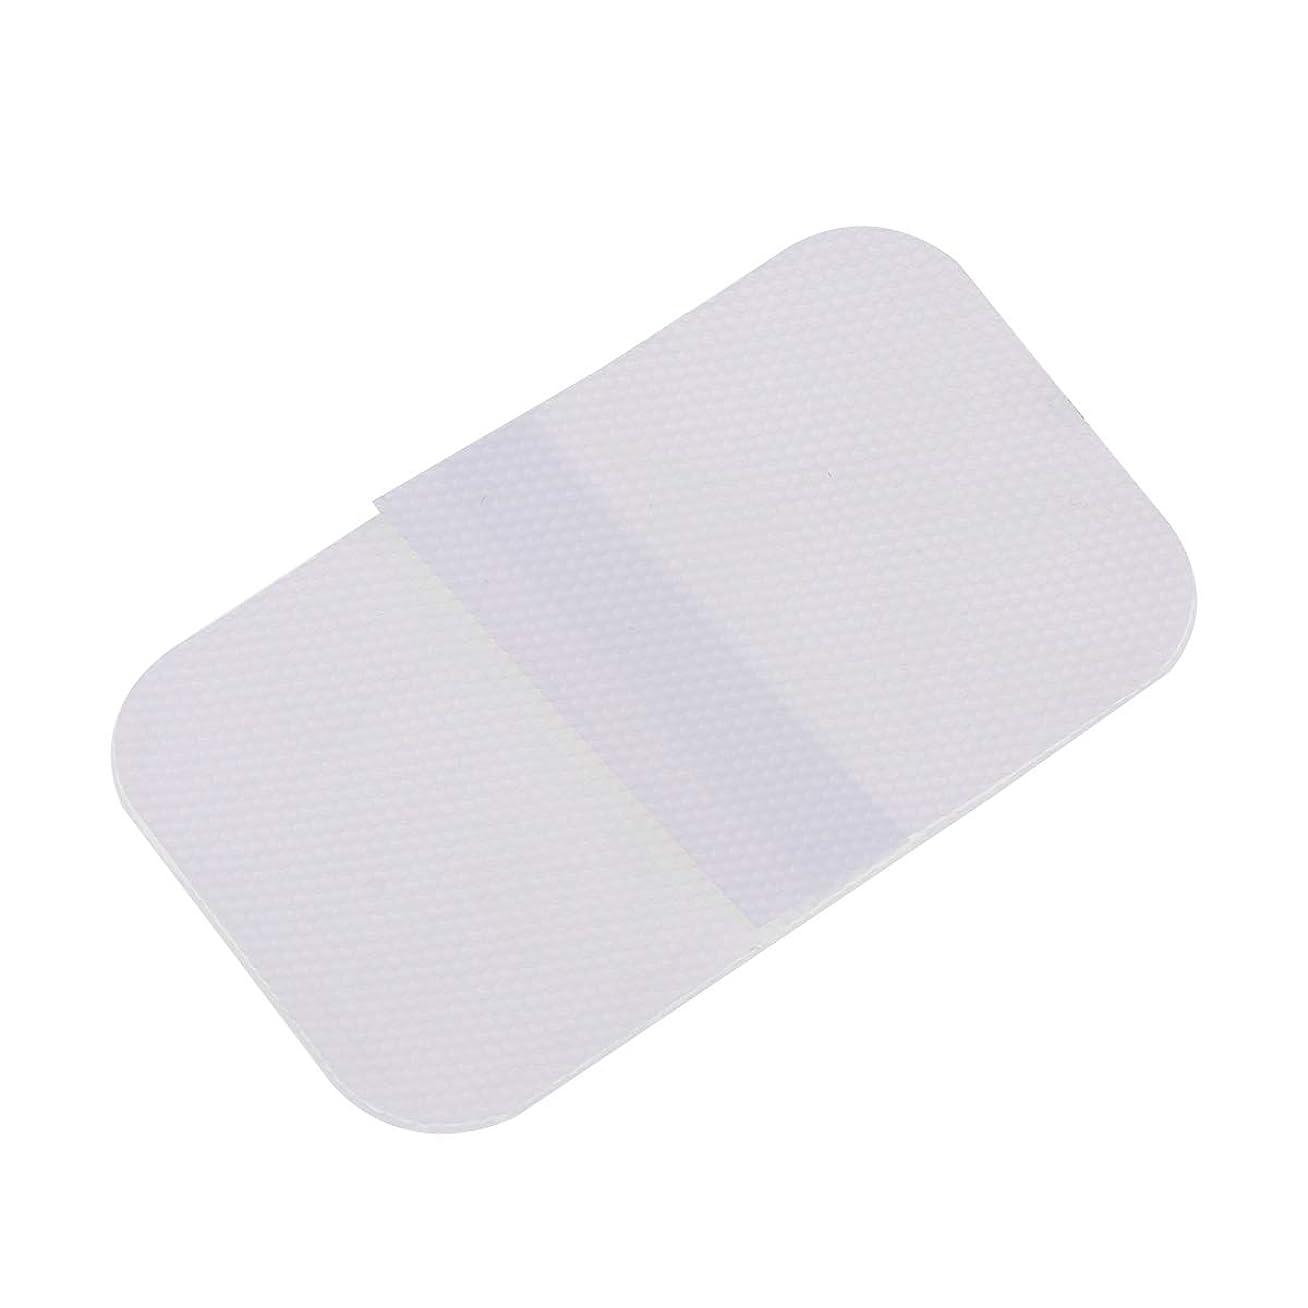 名前測定可能差別的LIOOBO シリコーン傷跡シート傷跡シリコーンテープ洗える帝王切開透明傷跡ステッカー正方形シェイプシリコーン傷跡治療